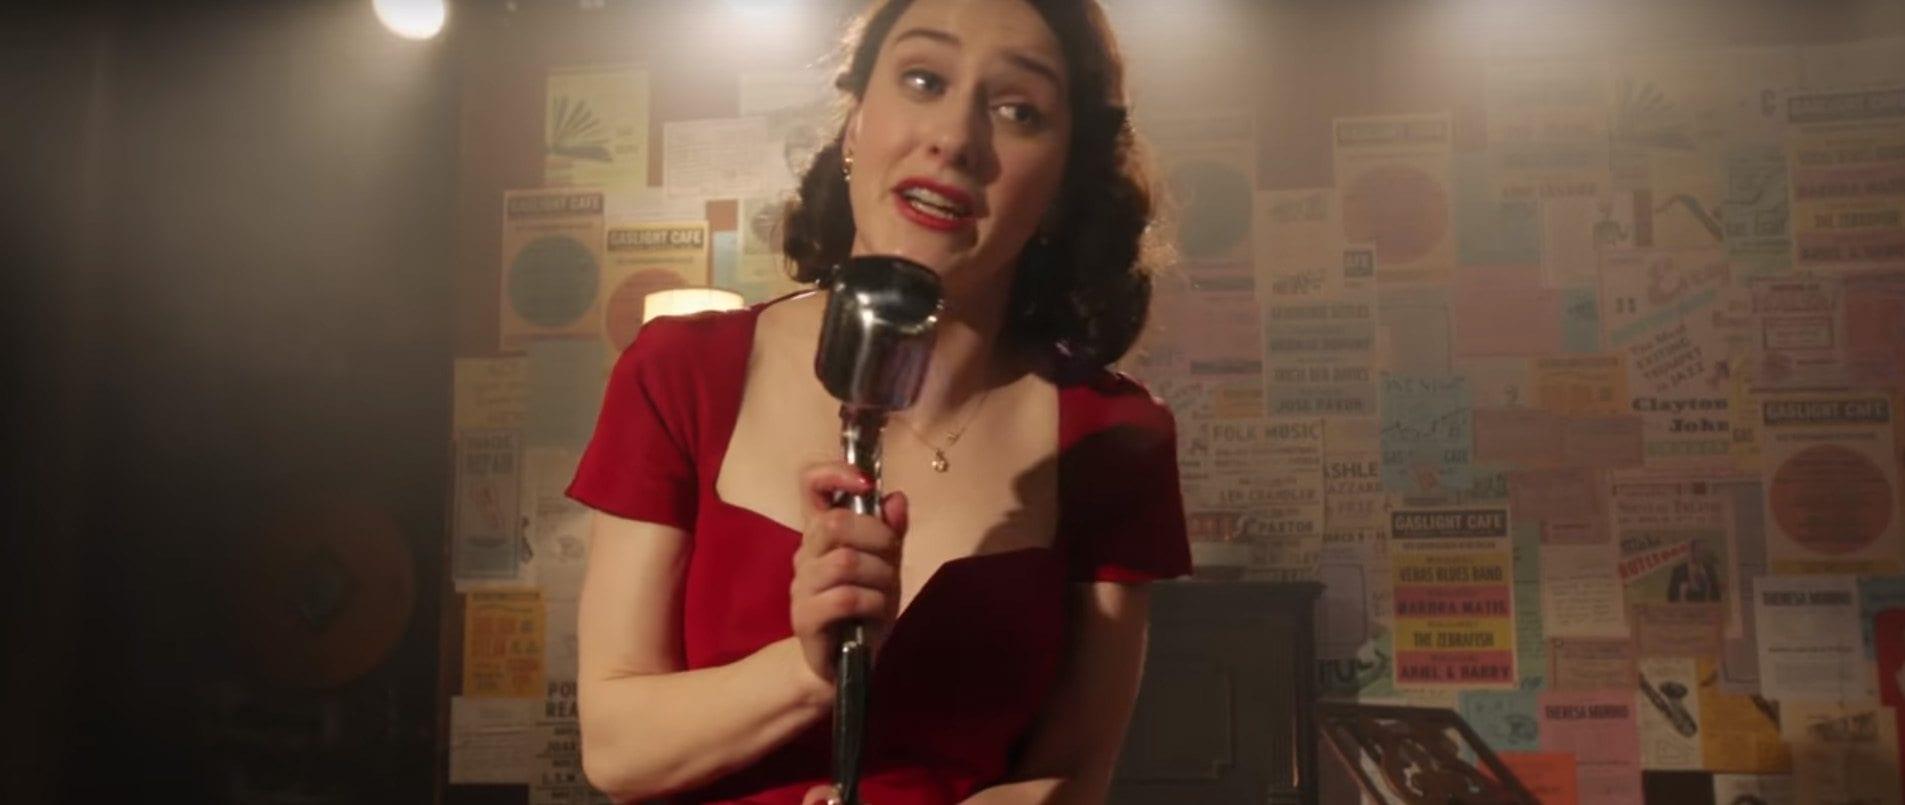 The Marvelous Mrs Maisel Starring Rachel Brosnahan